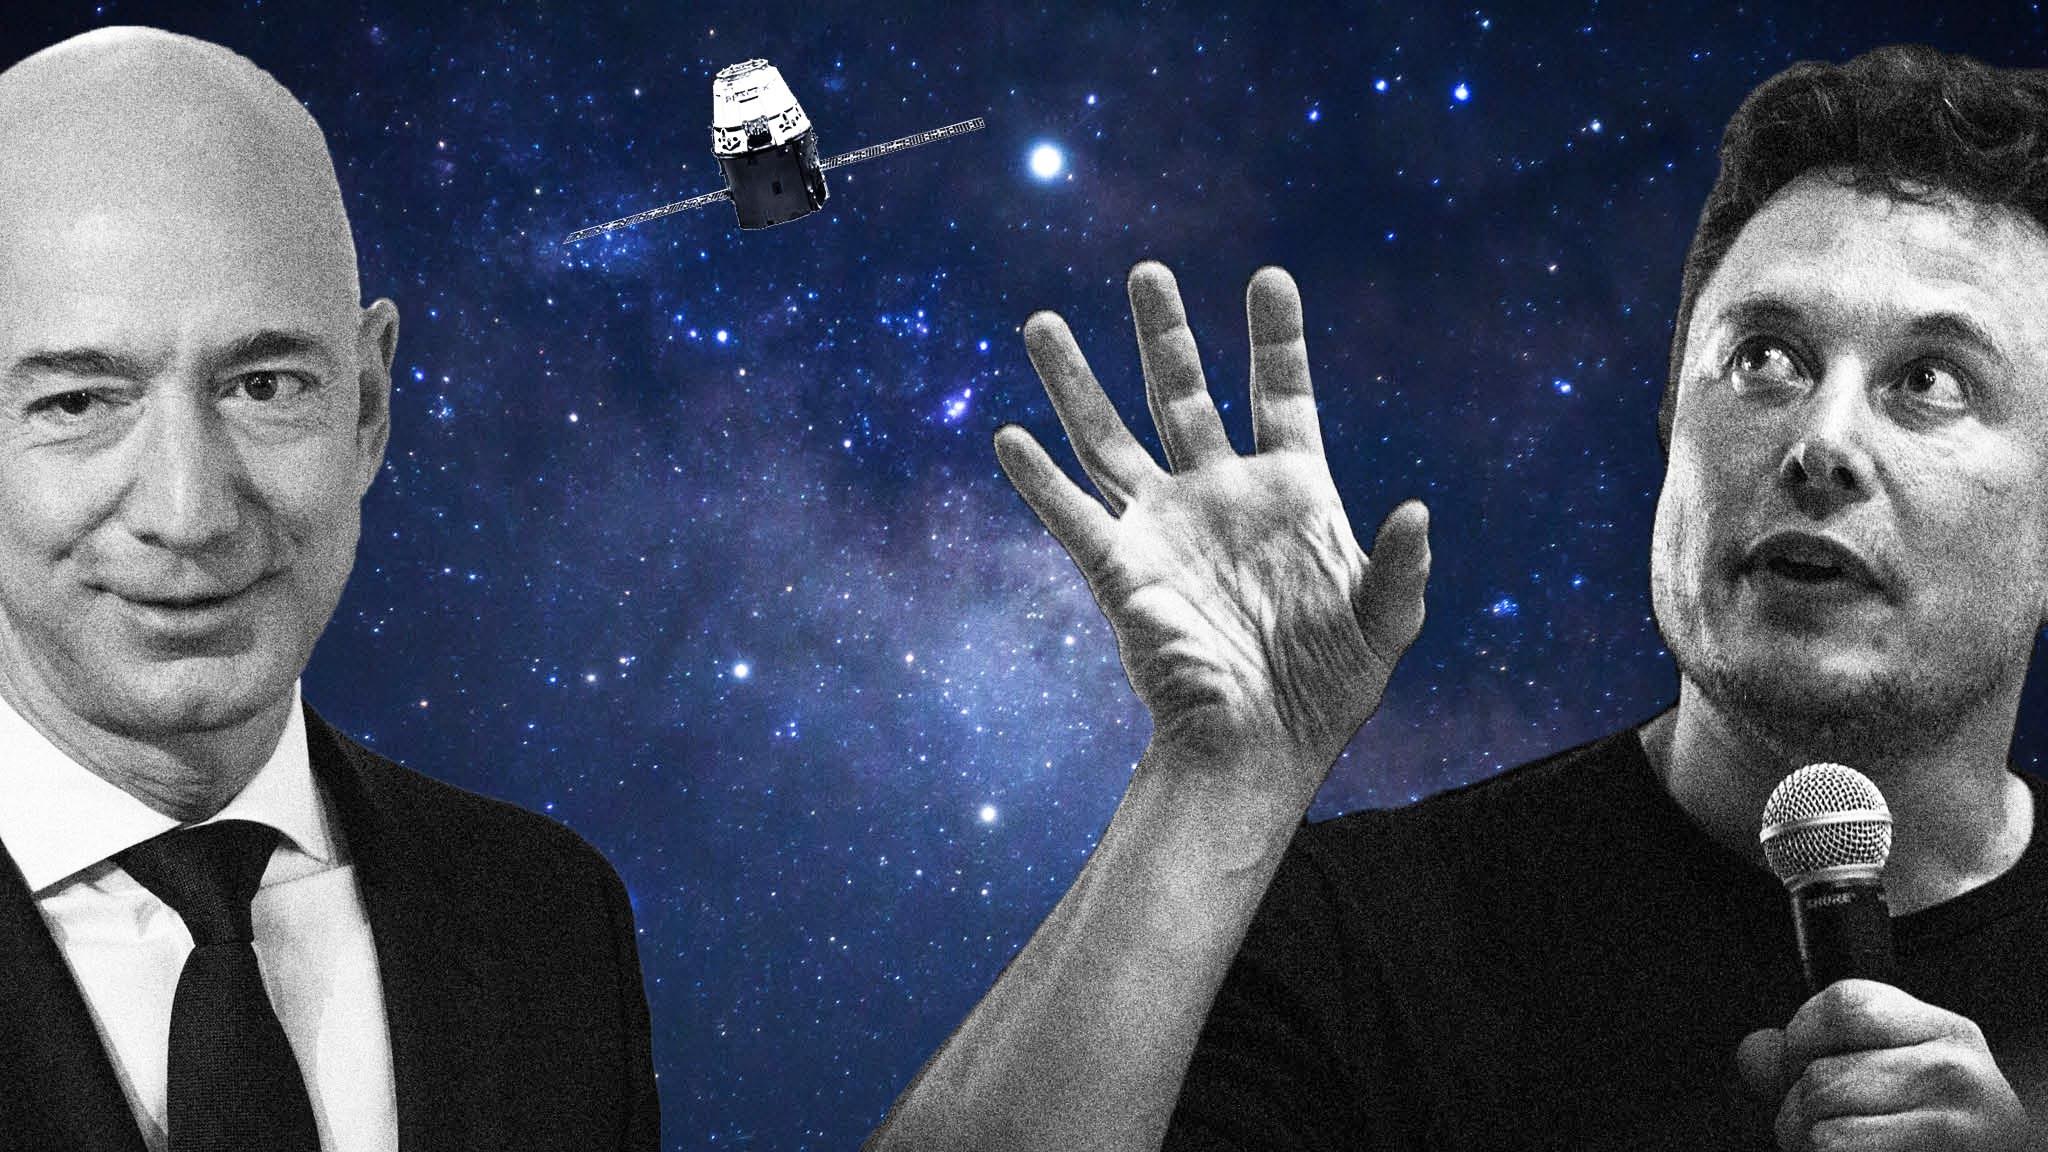 أشهر الشخصيات التقنية elon musk and jeff bezos space race